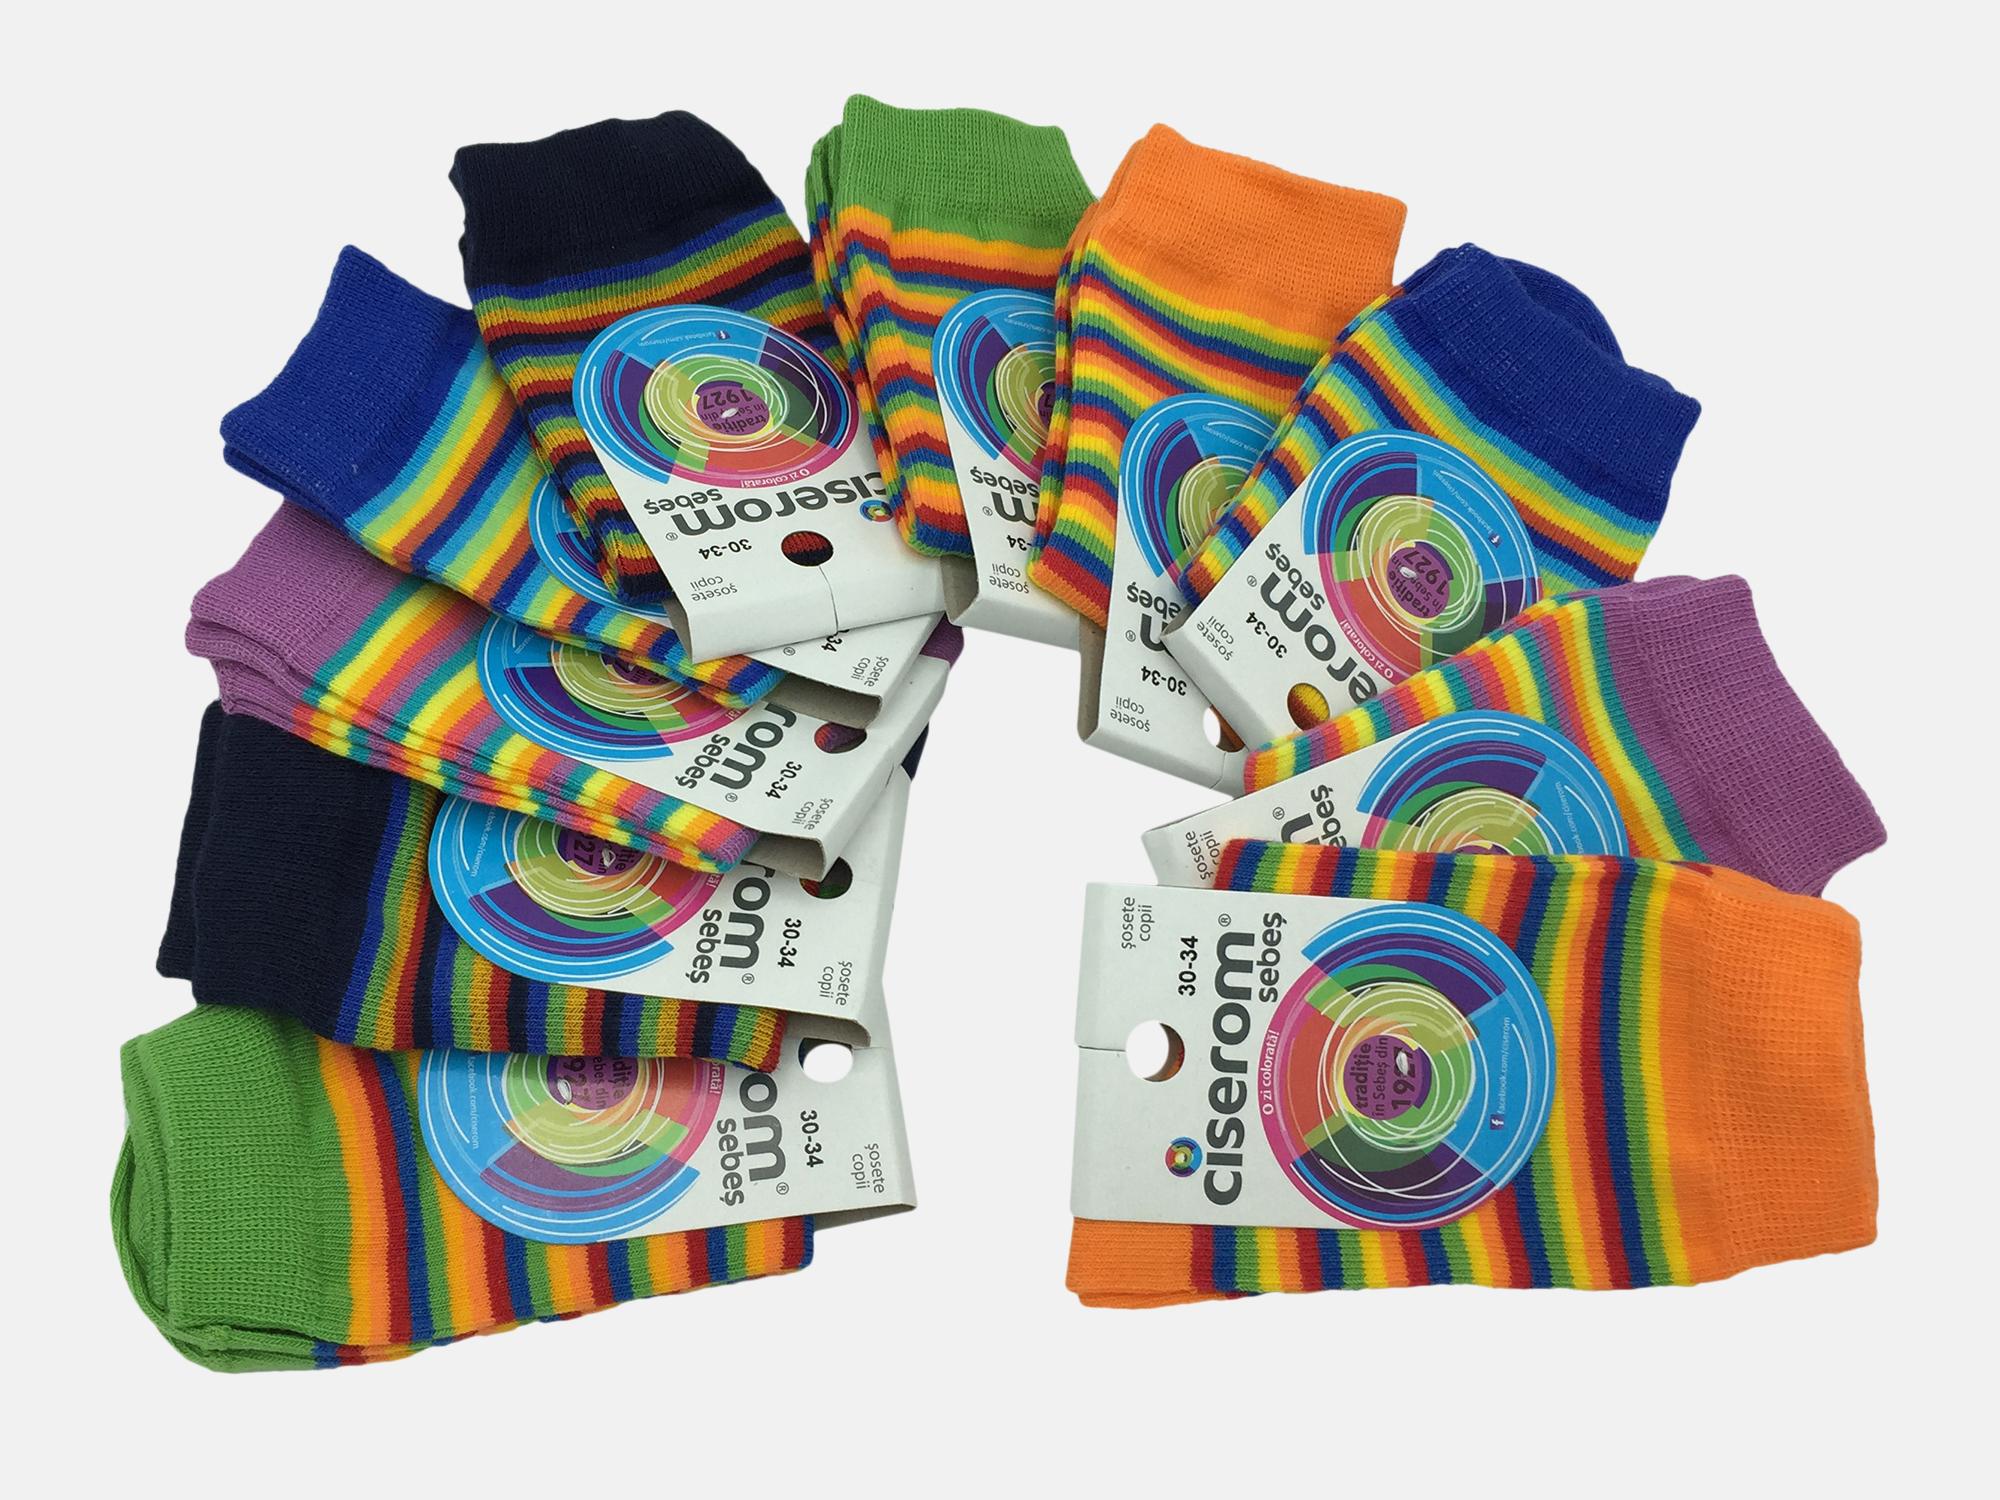 Sosete copii - Multicolor - set 10 perechi - Ciserom 326 18-20 model dungi